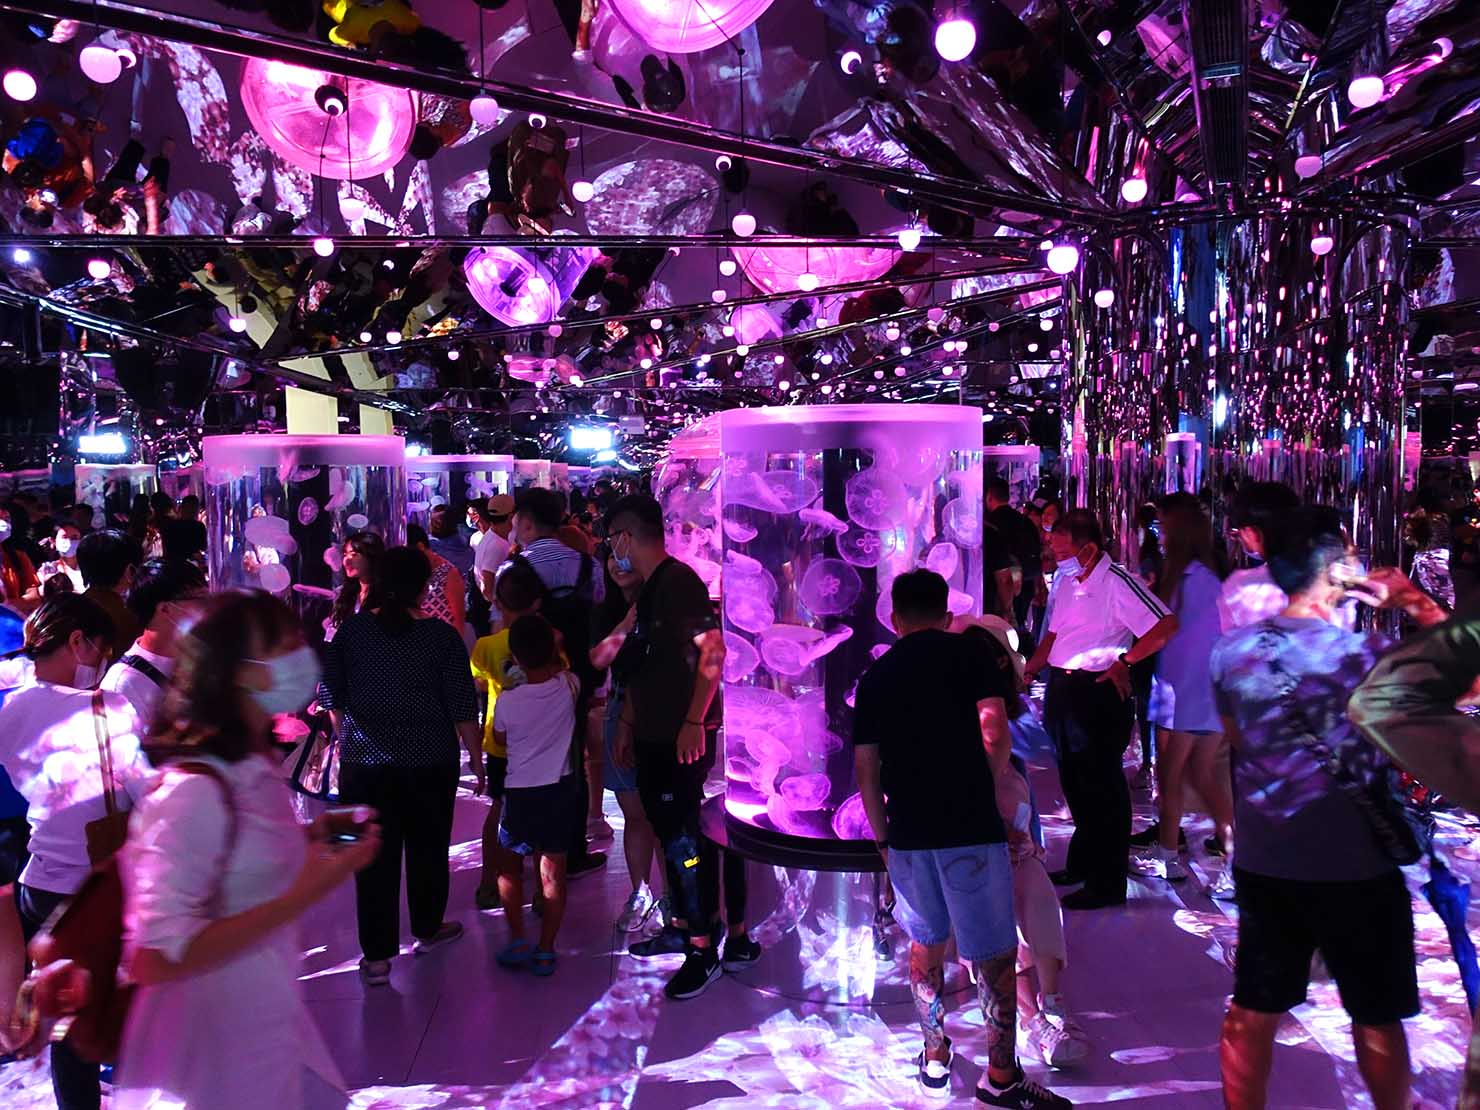 台北に誕生した都市型水族館「Xpark」内エリア「癒見水母」